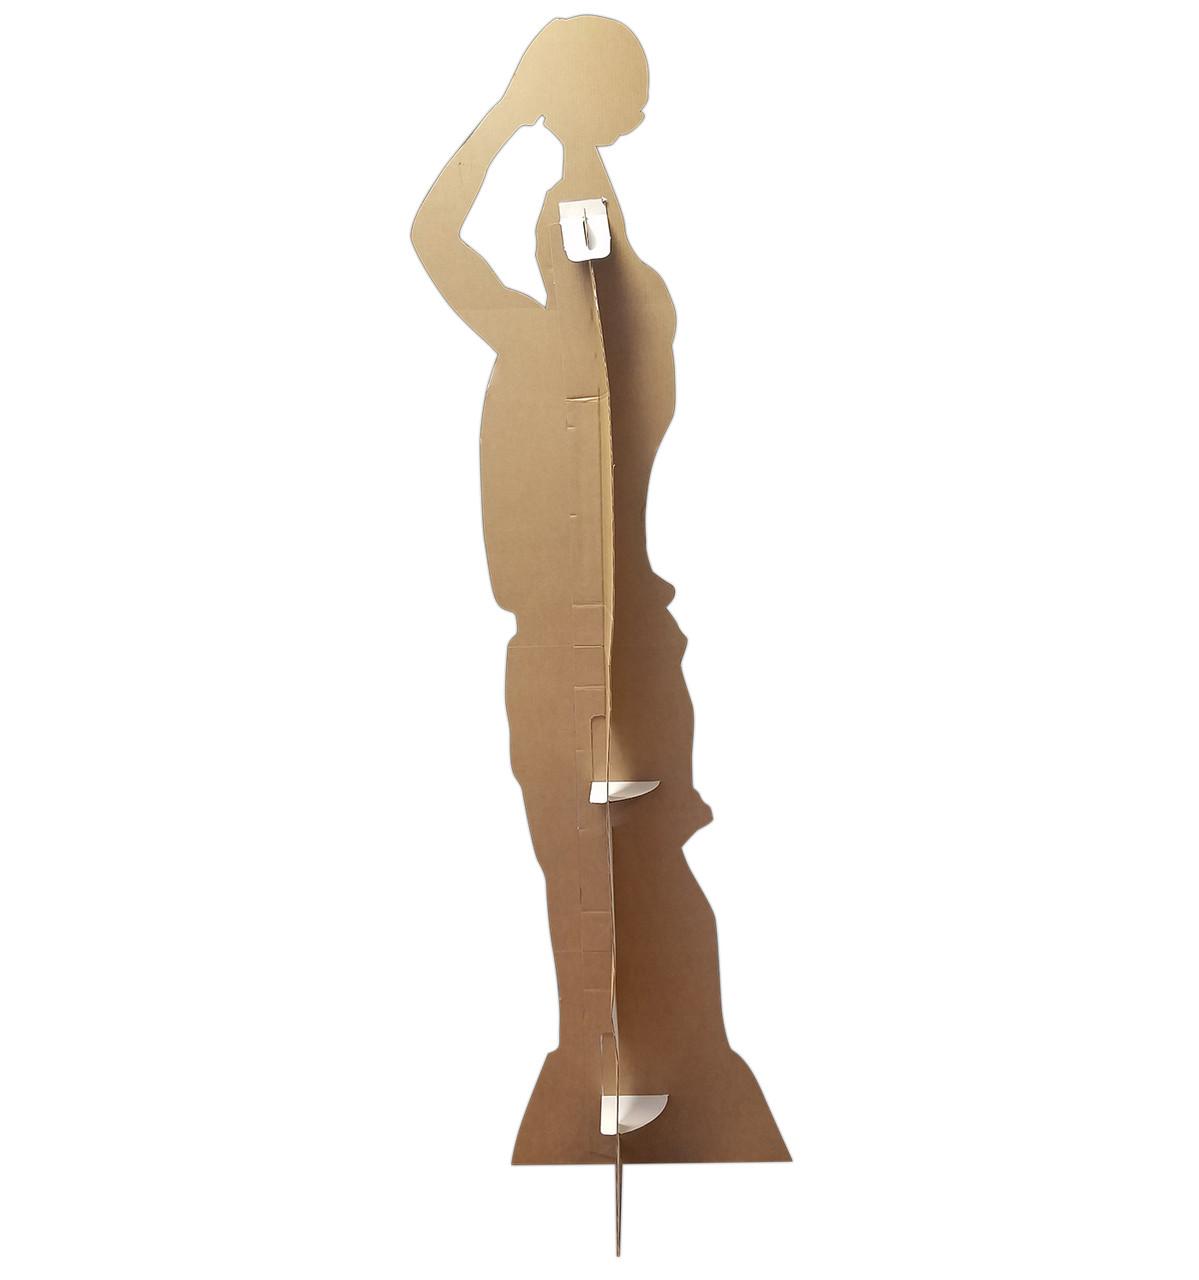 Life-size Basketball Player Shooting Silhouette Cardboard Standup